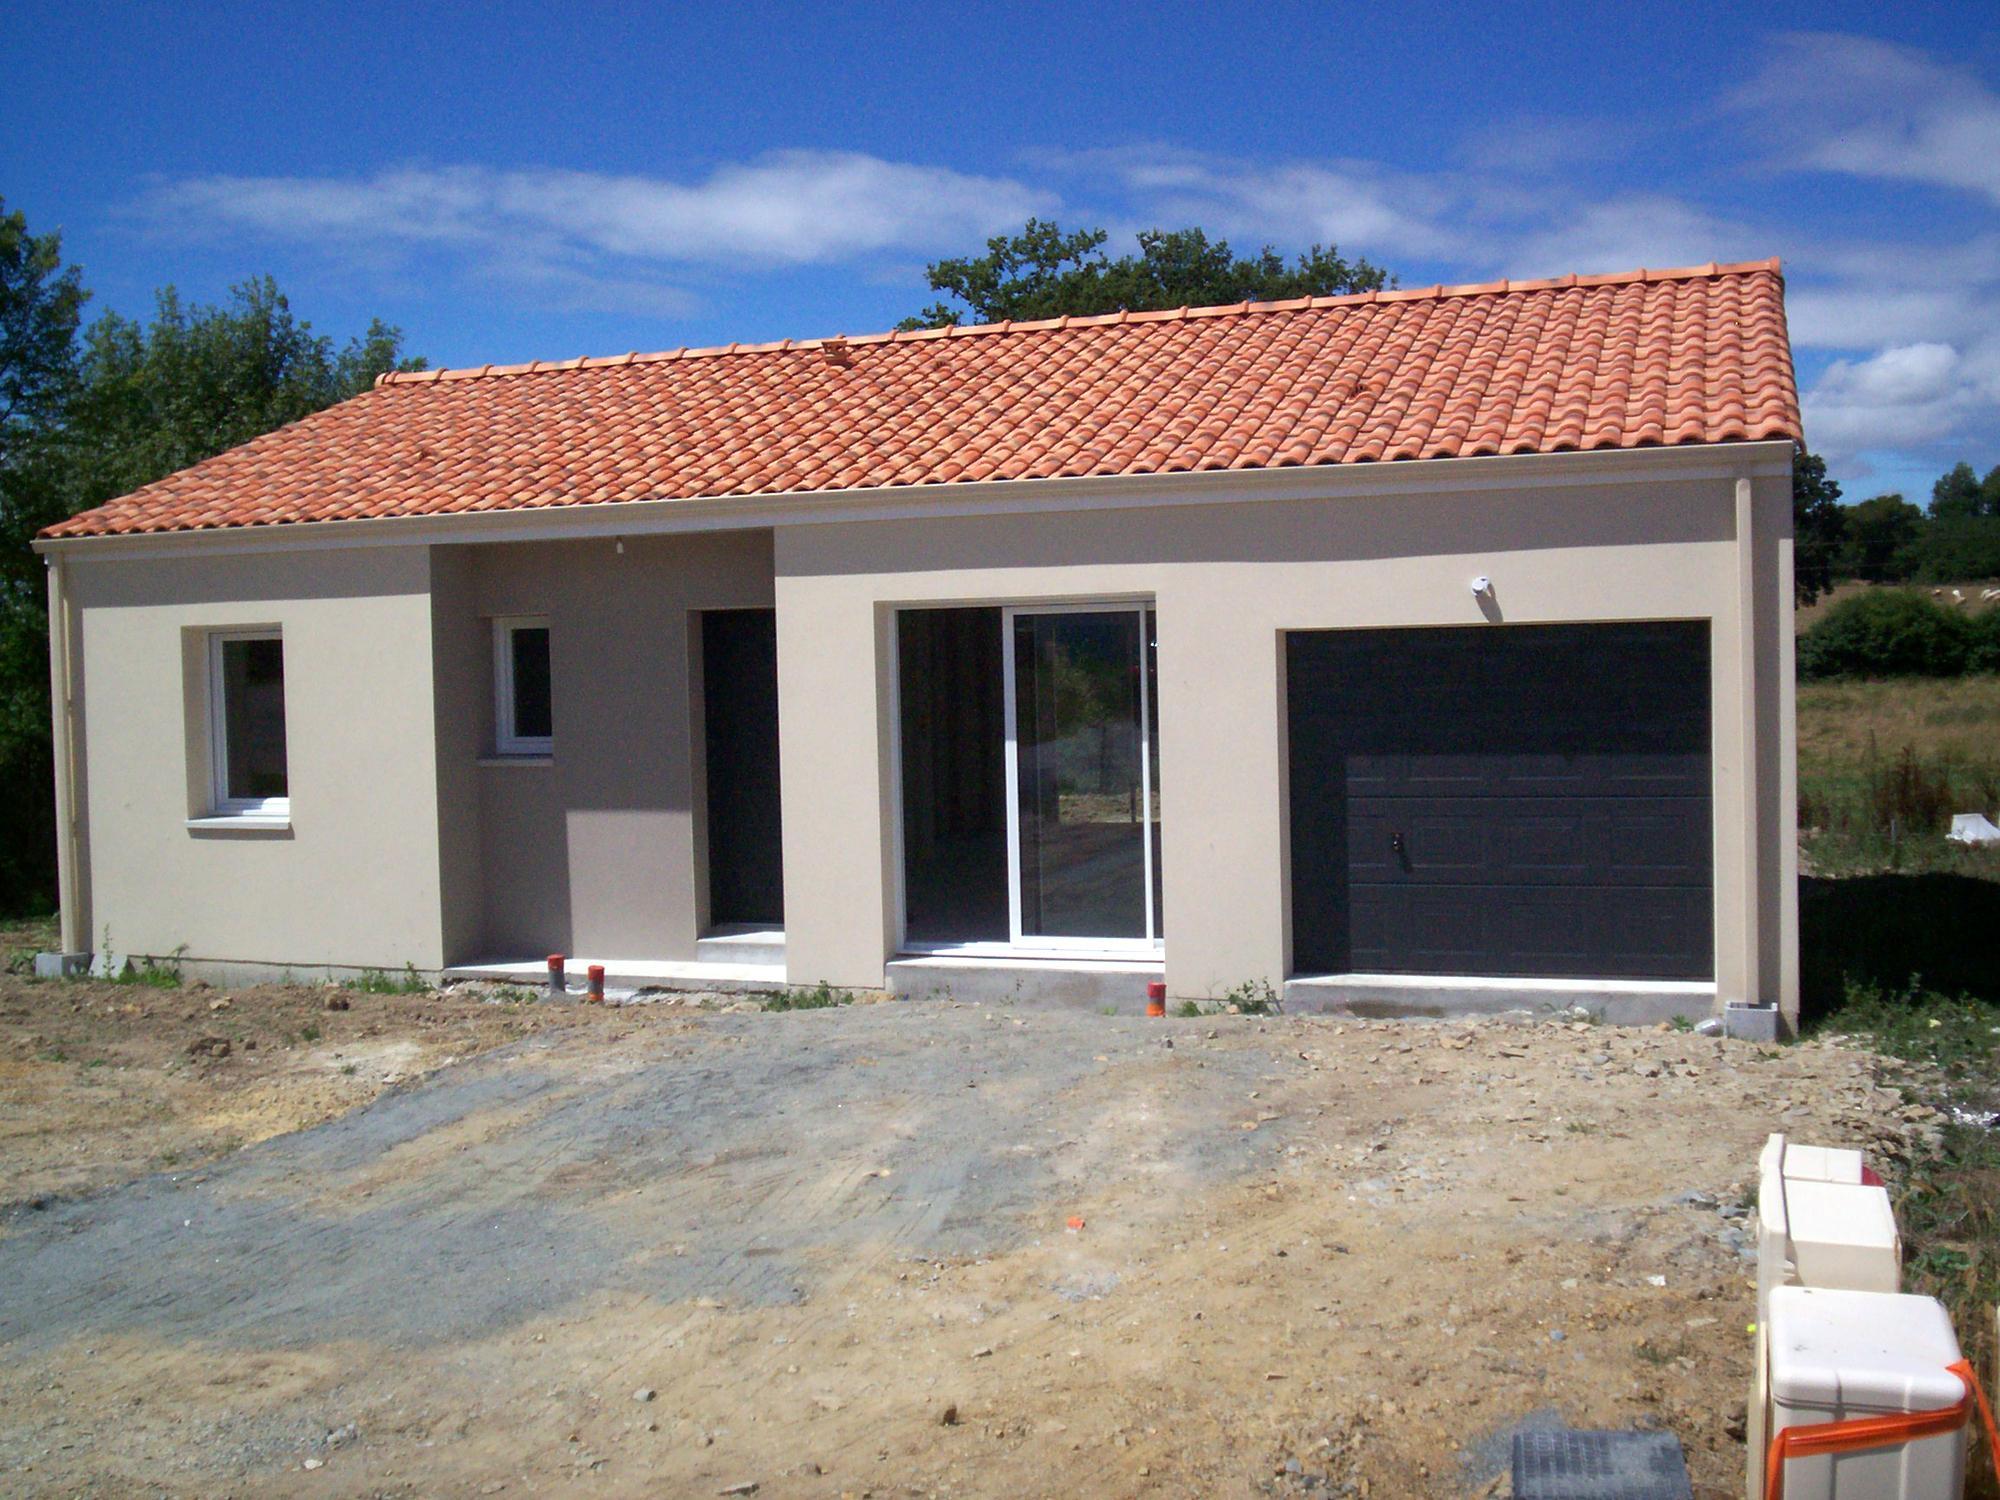 Maisons + Terrains du constructeur MAISONS PHENIX MERIGNAC • 84 m² • BELIN BELIET